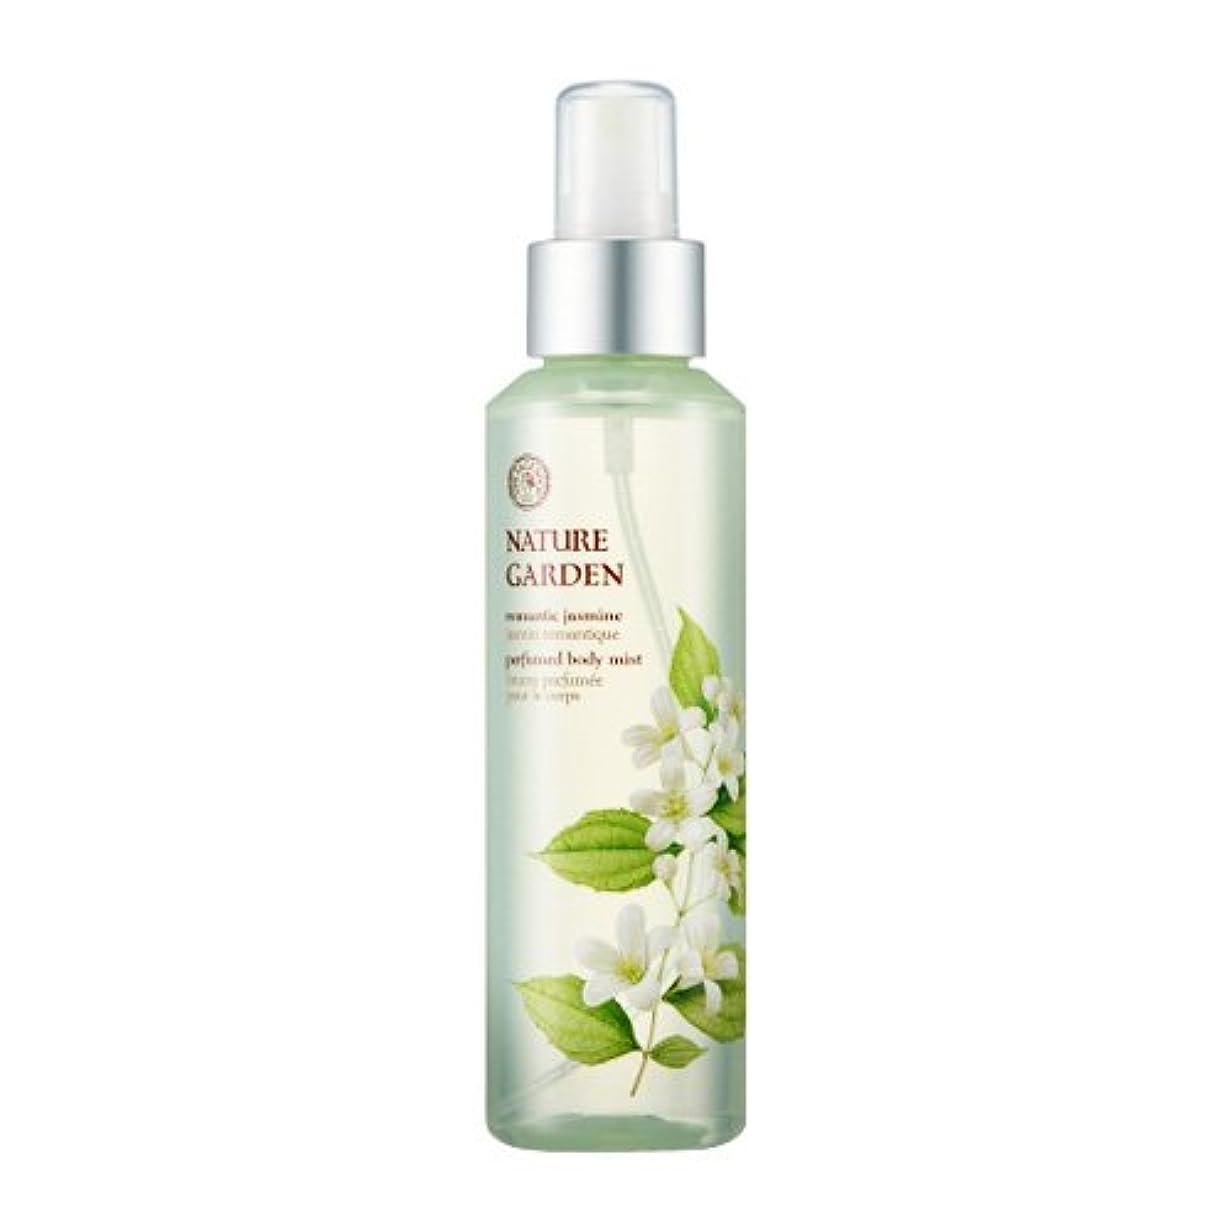 ジャケット害積極的にTHE FACE SHOP NATURE GARDEN (Romantic Jasmine) Perfume Body Mist / ザ?フェイスショップ ネイチャーガーデン パフューム ボディミスト [並行輸入品]